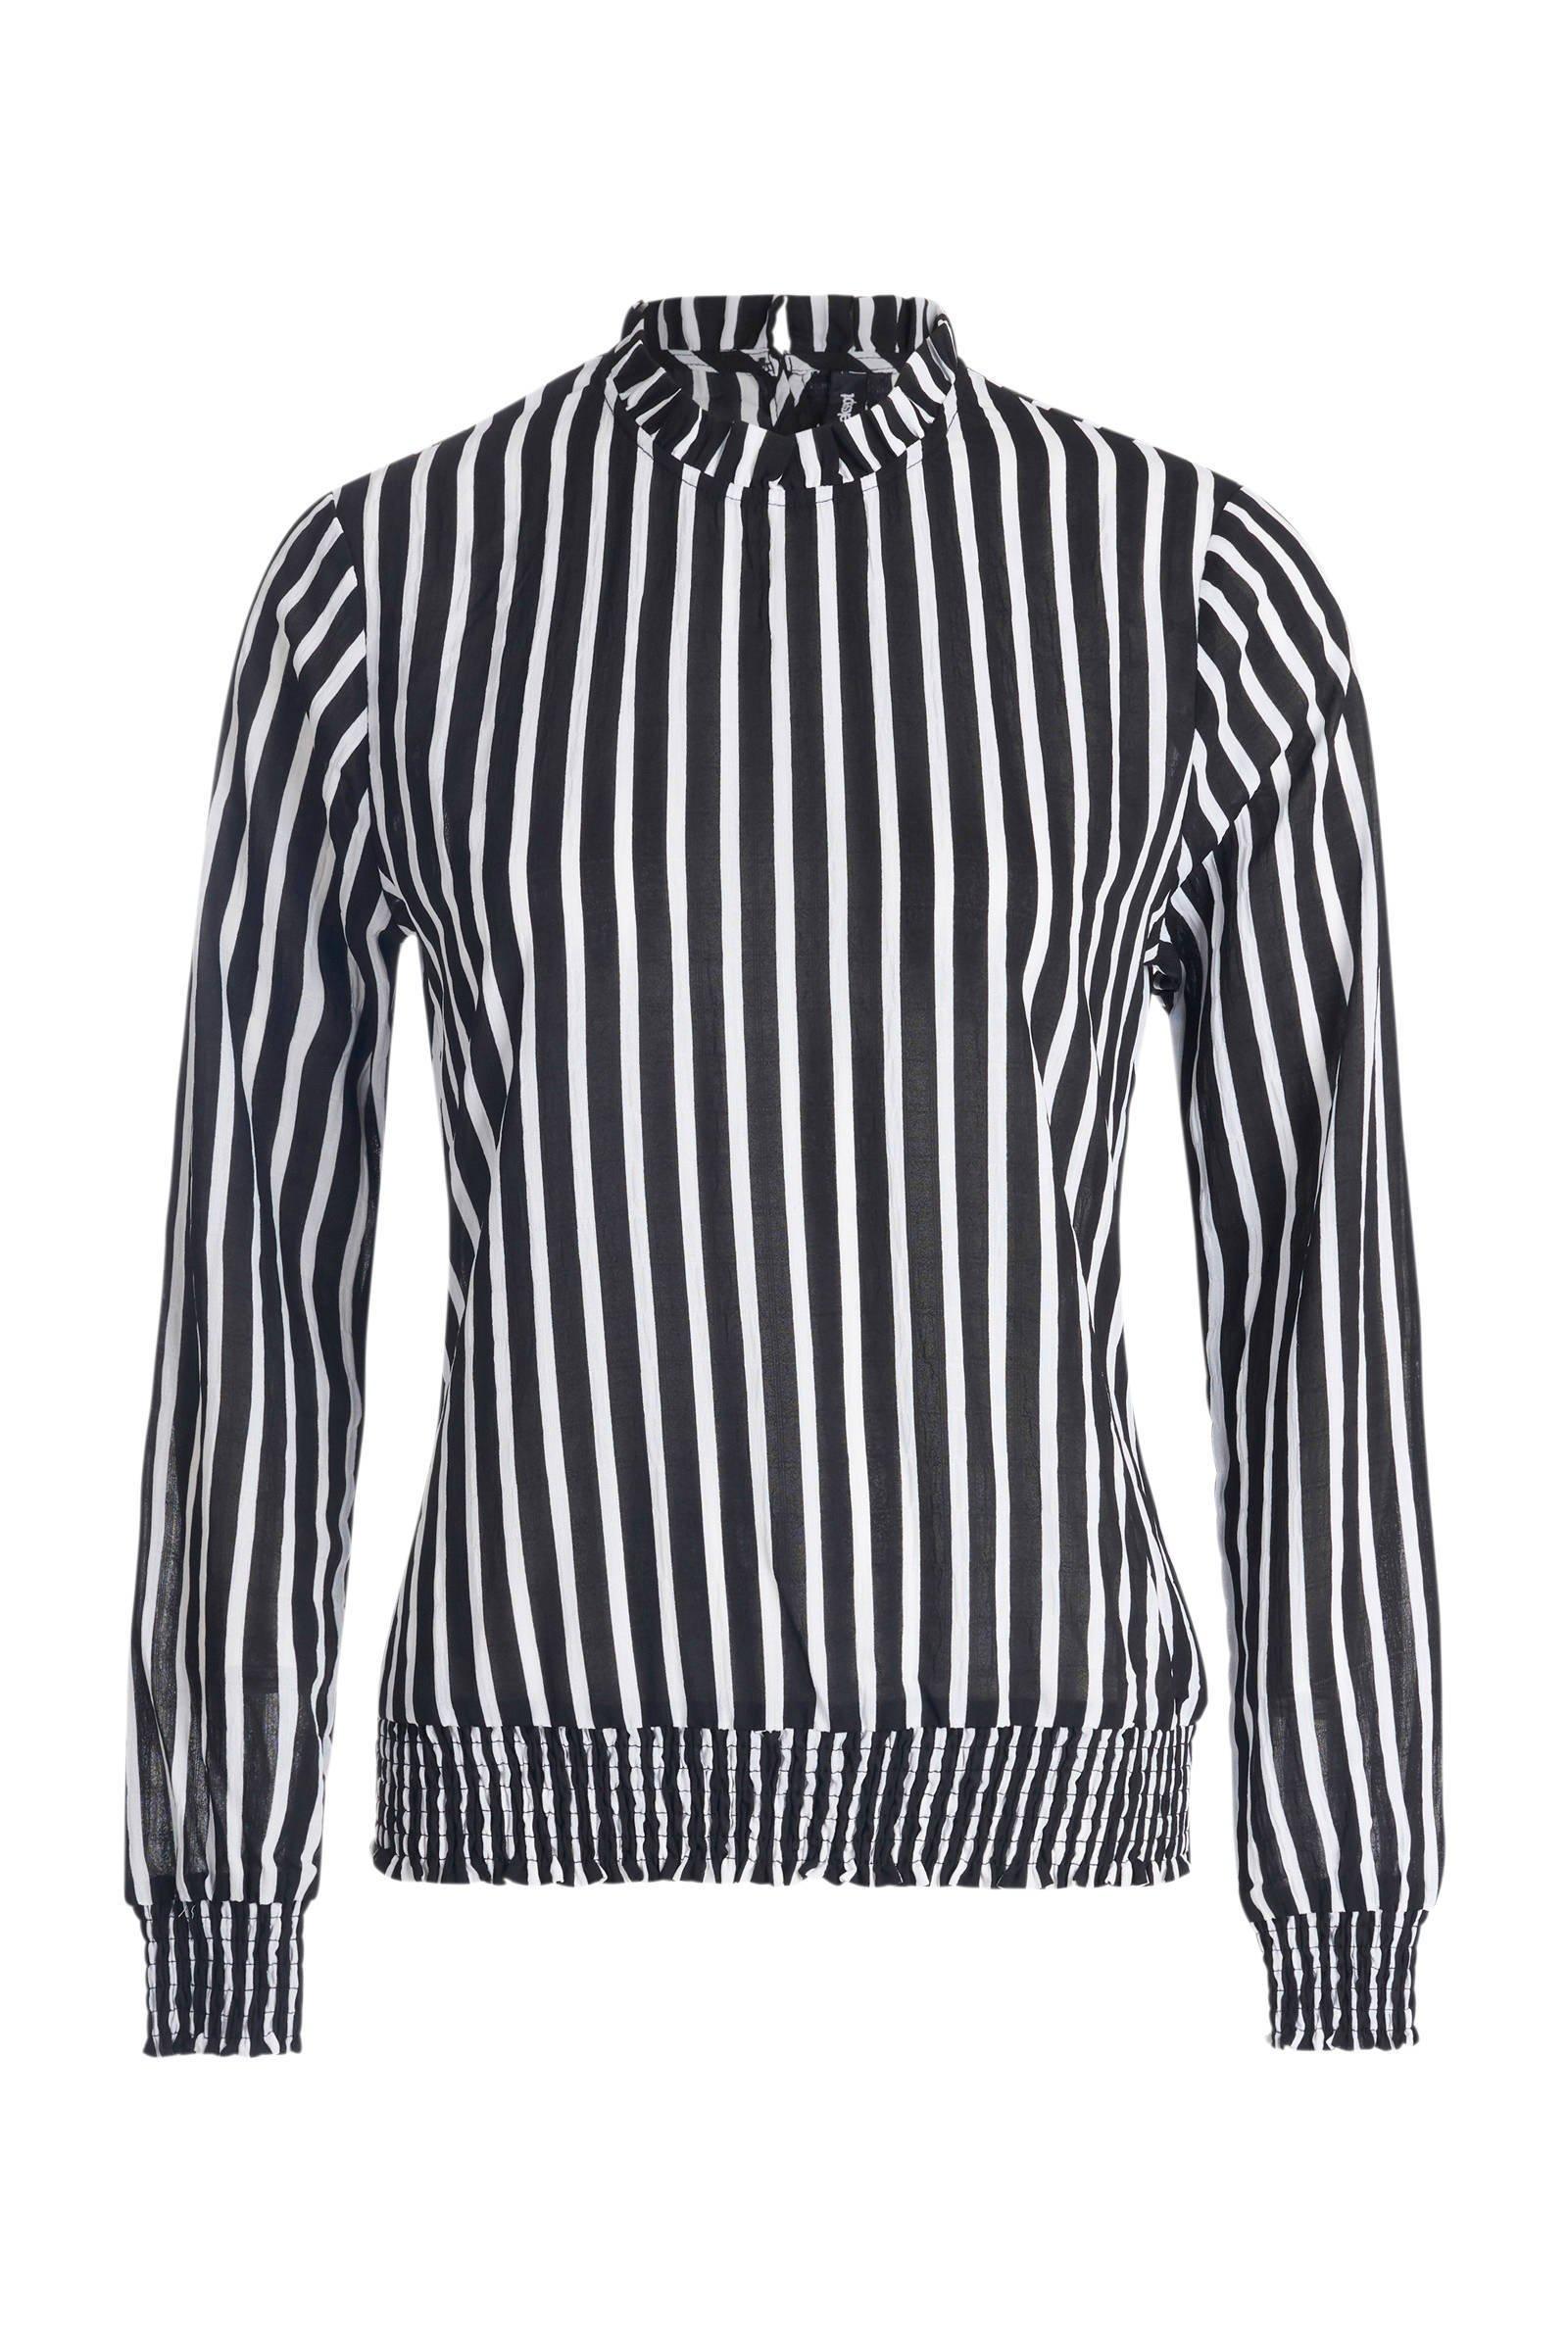 over blouse Eksept all maggy streepdessin met een U65wXq5